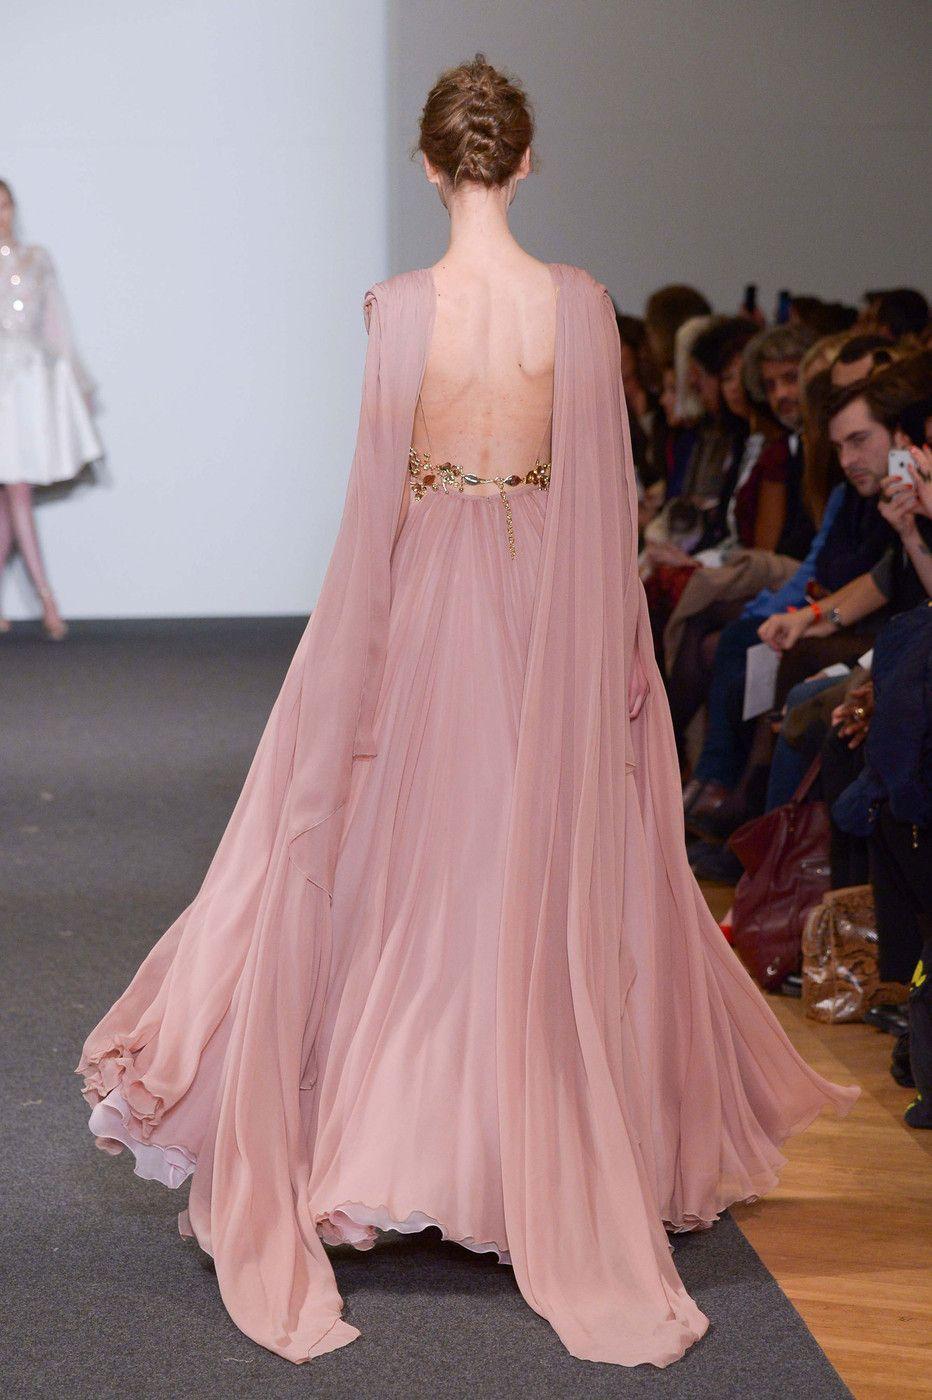 Fashion Runway | Rosas, Vestiditos y Alta costura